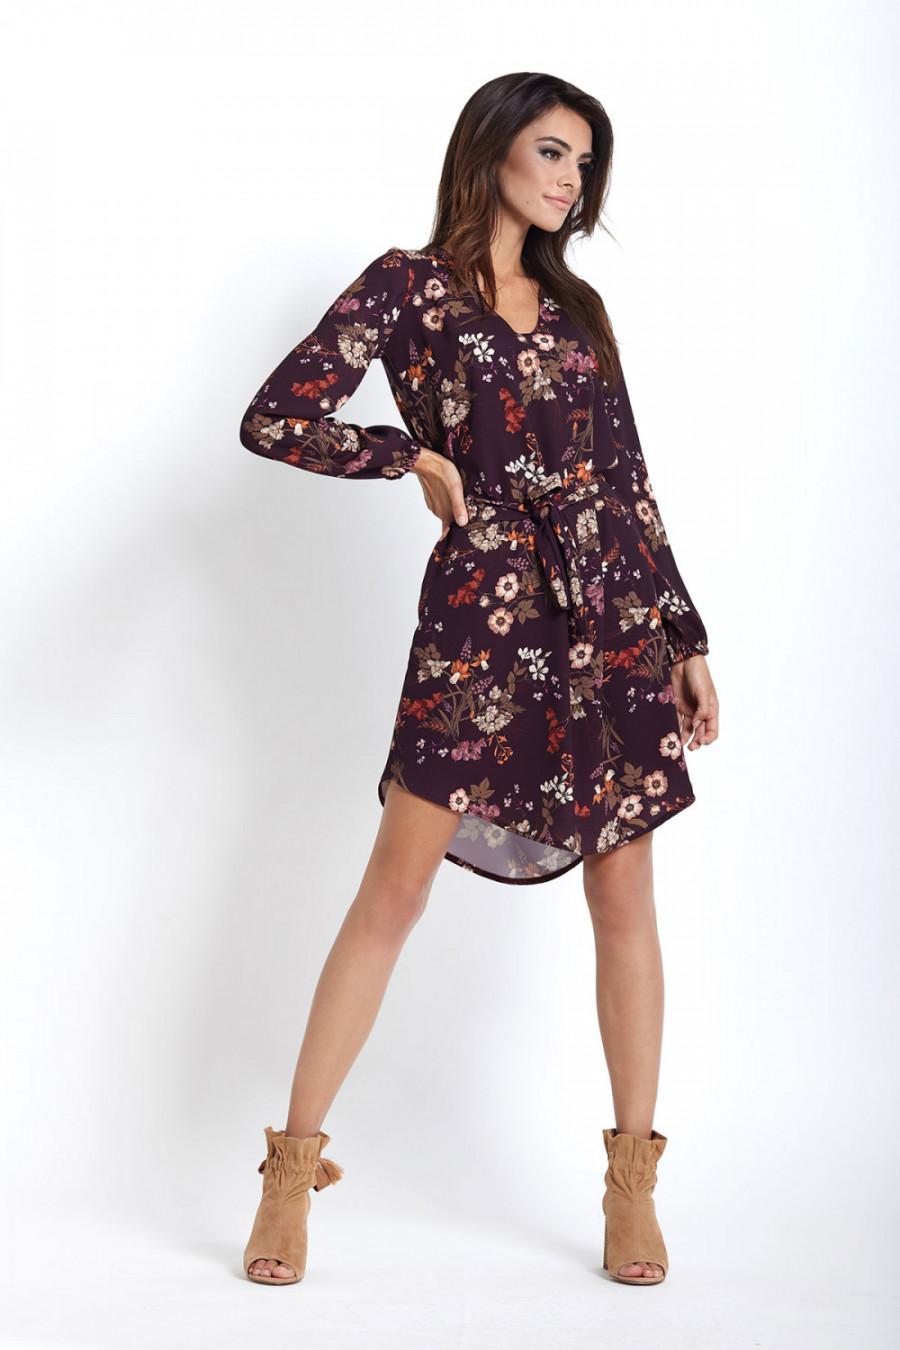 0d78b7a7e0 Sukienka na jesień z długim rękawem w kwiaty - sukienki szyte w Polsce